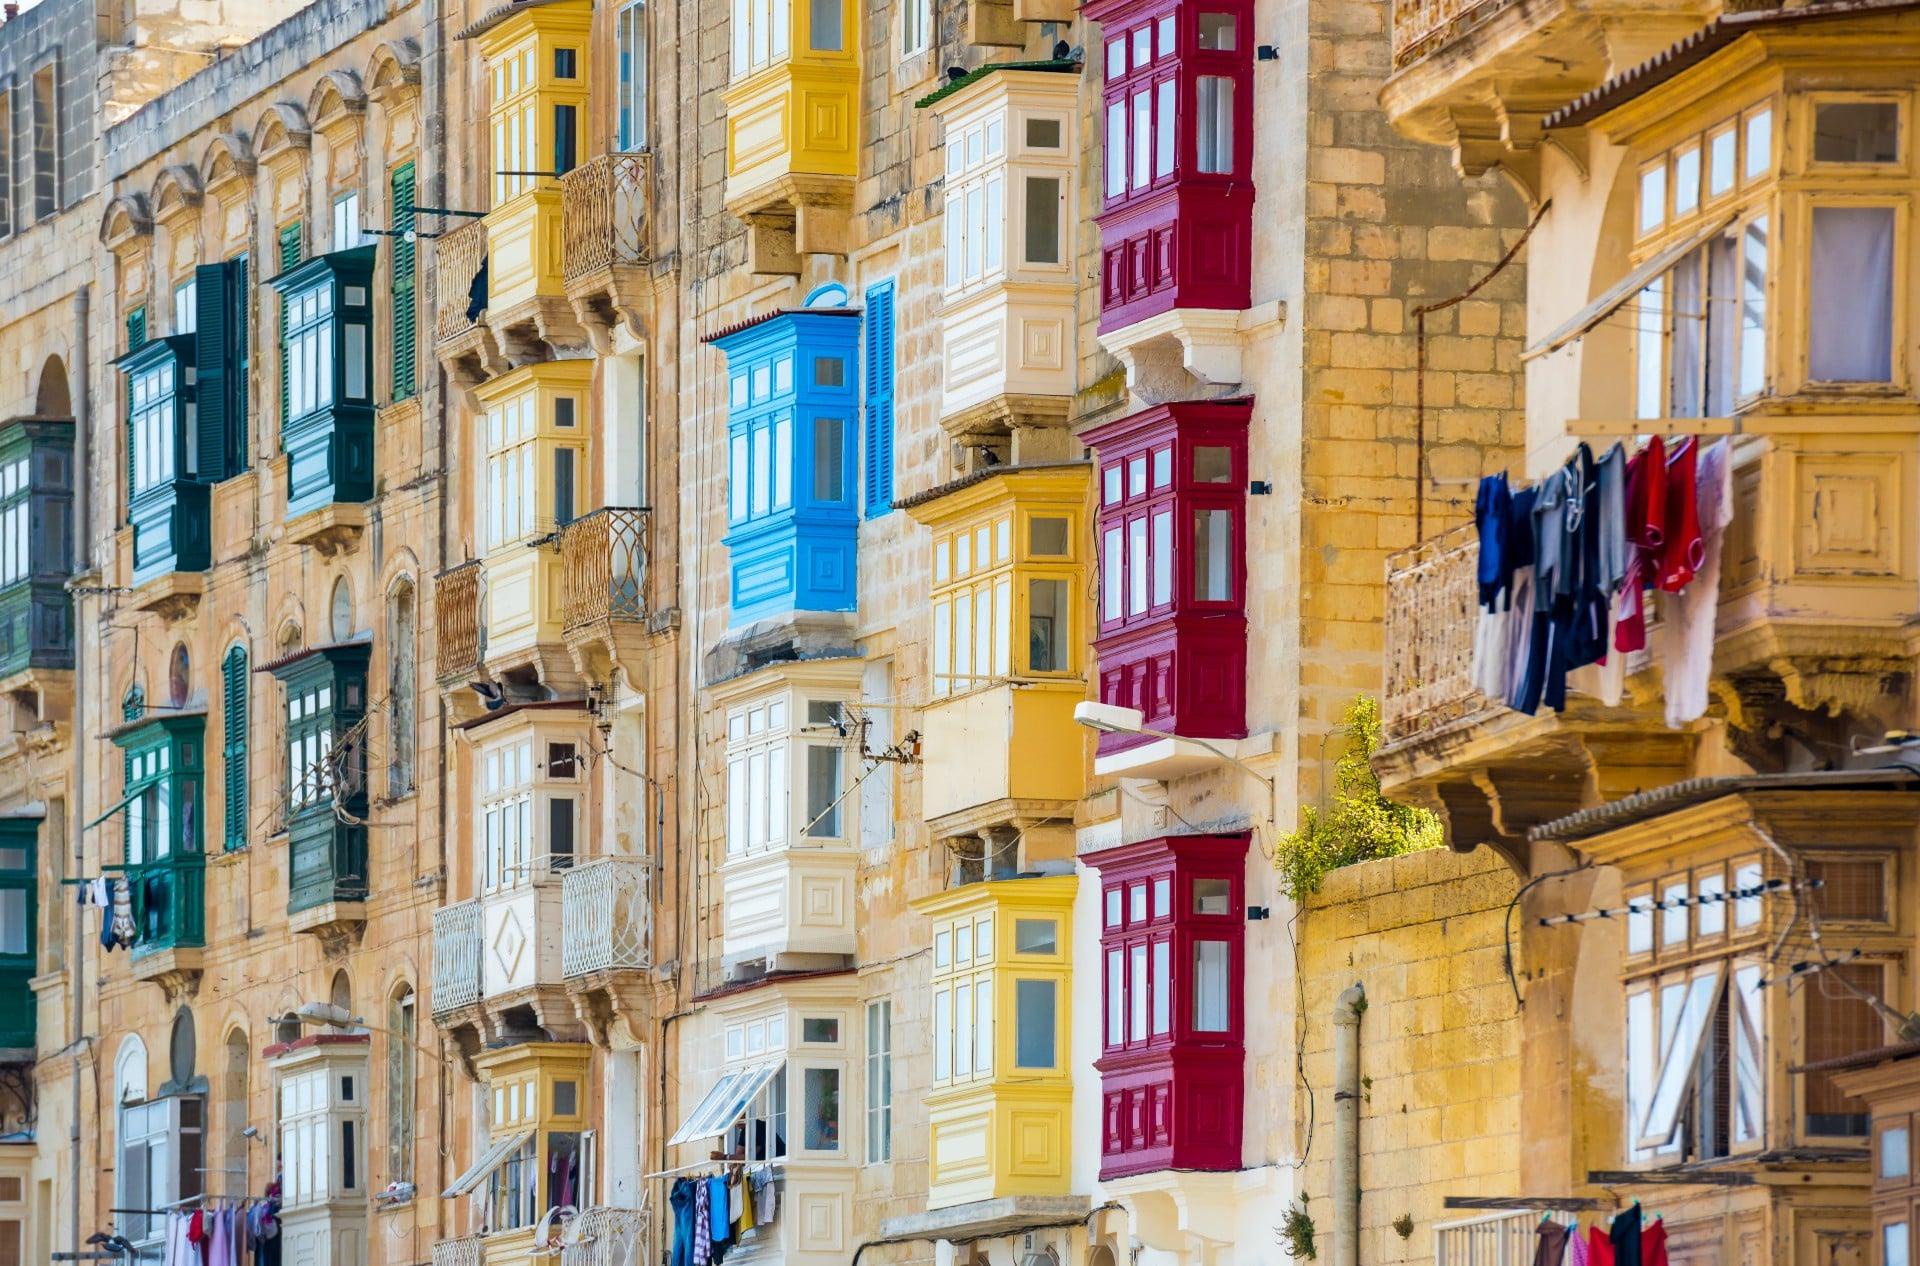 A City Break to Valletta